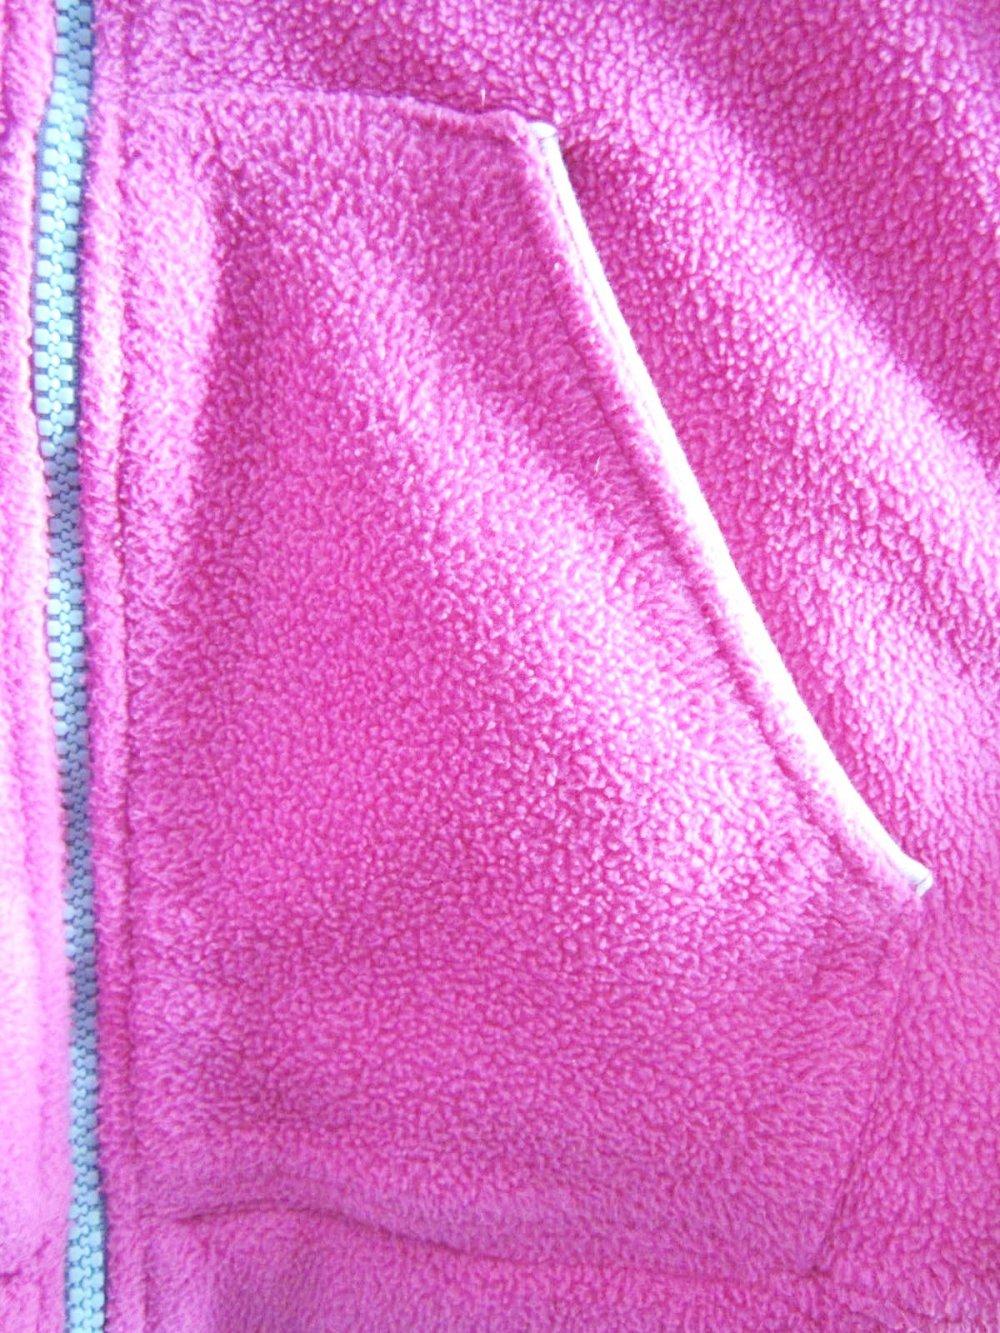 Jacke Fleecejacke F.S.A.T.H.L. pink Stickerei Gr.152